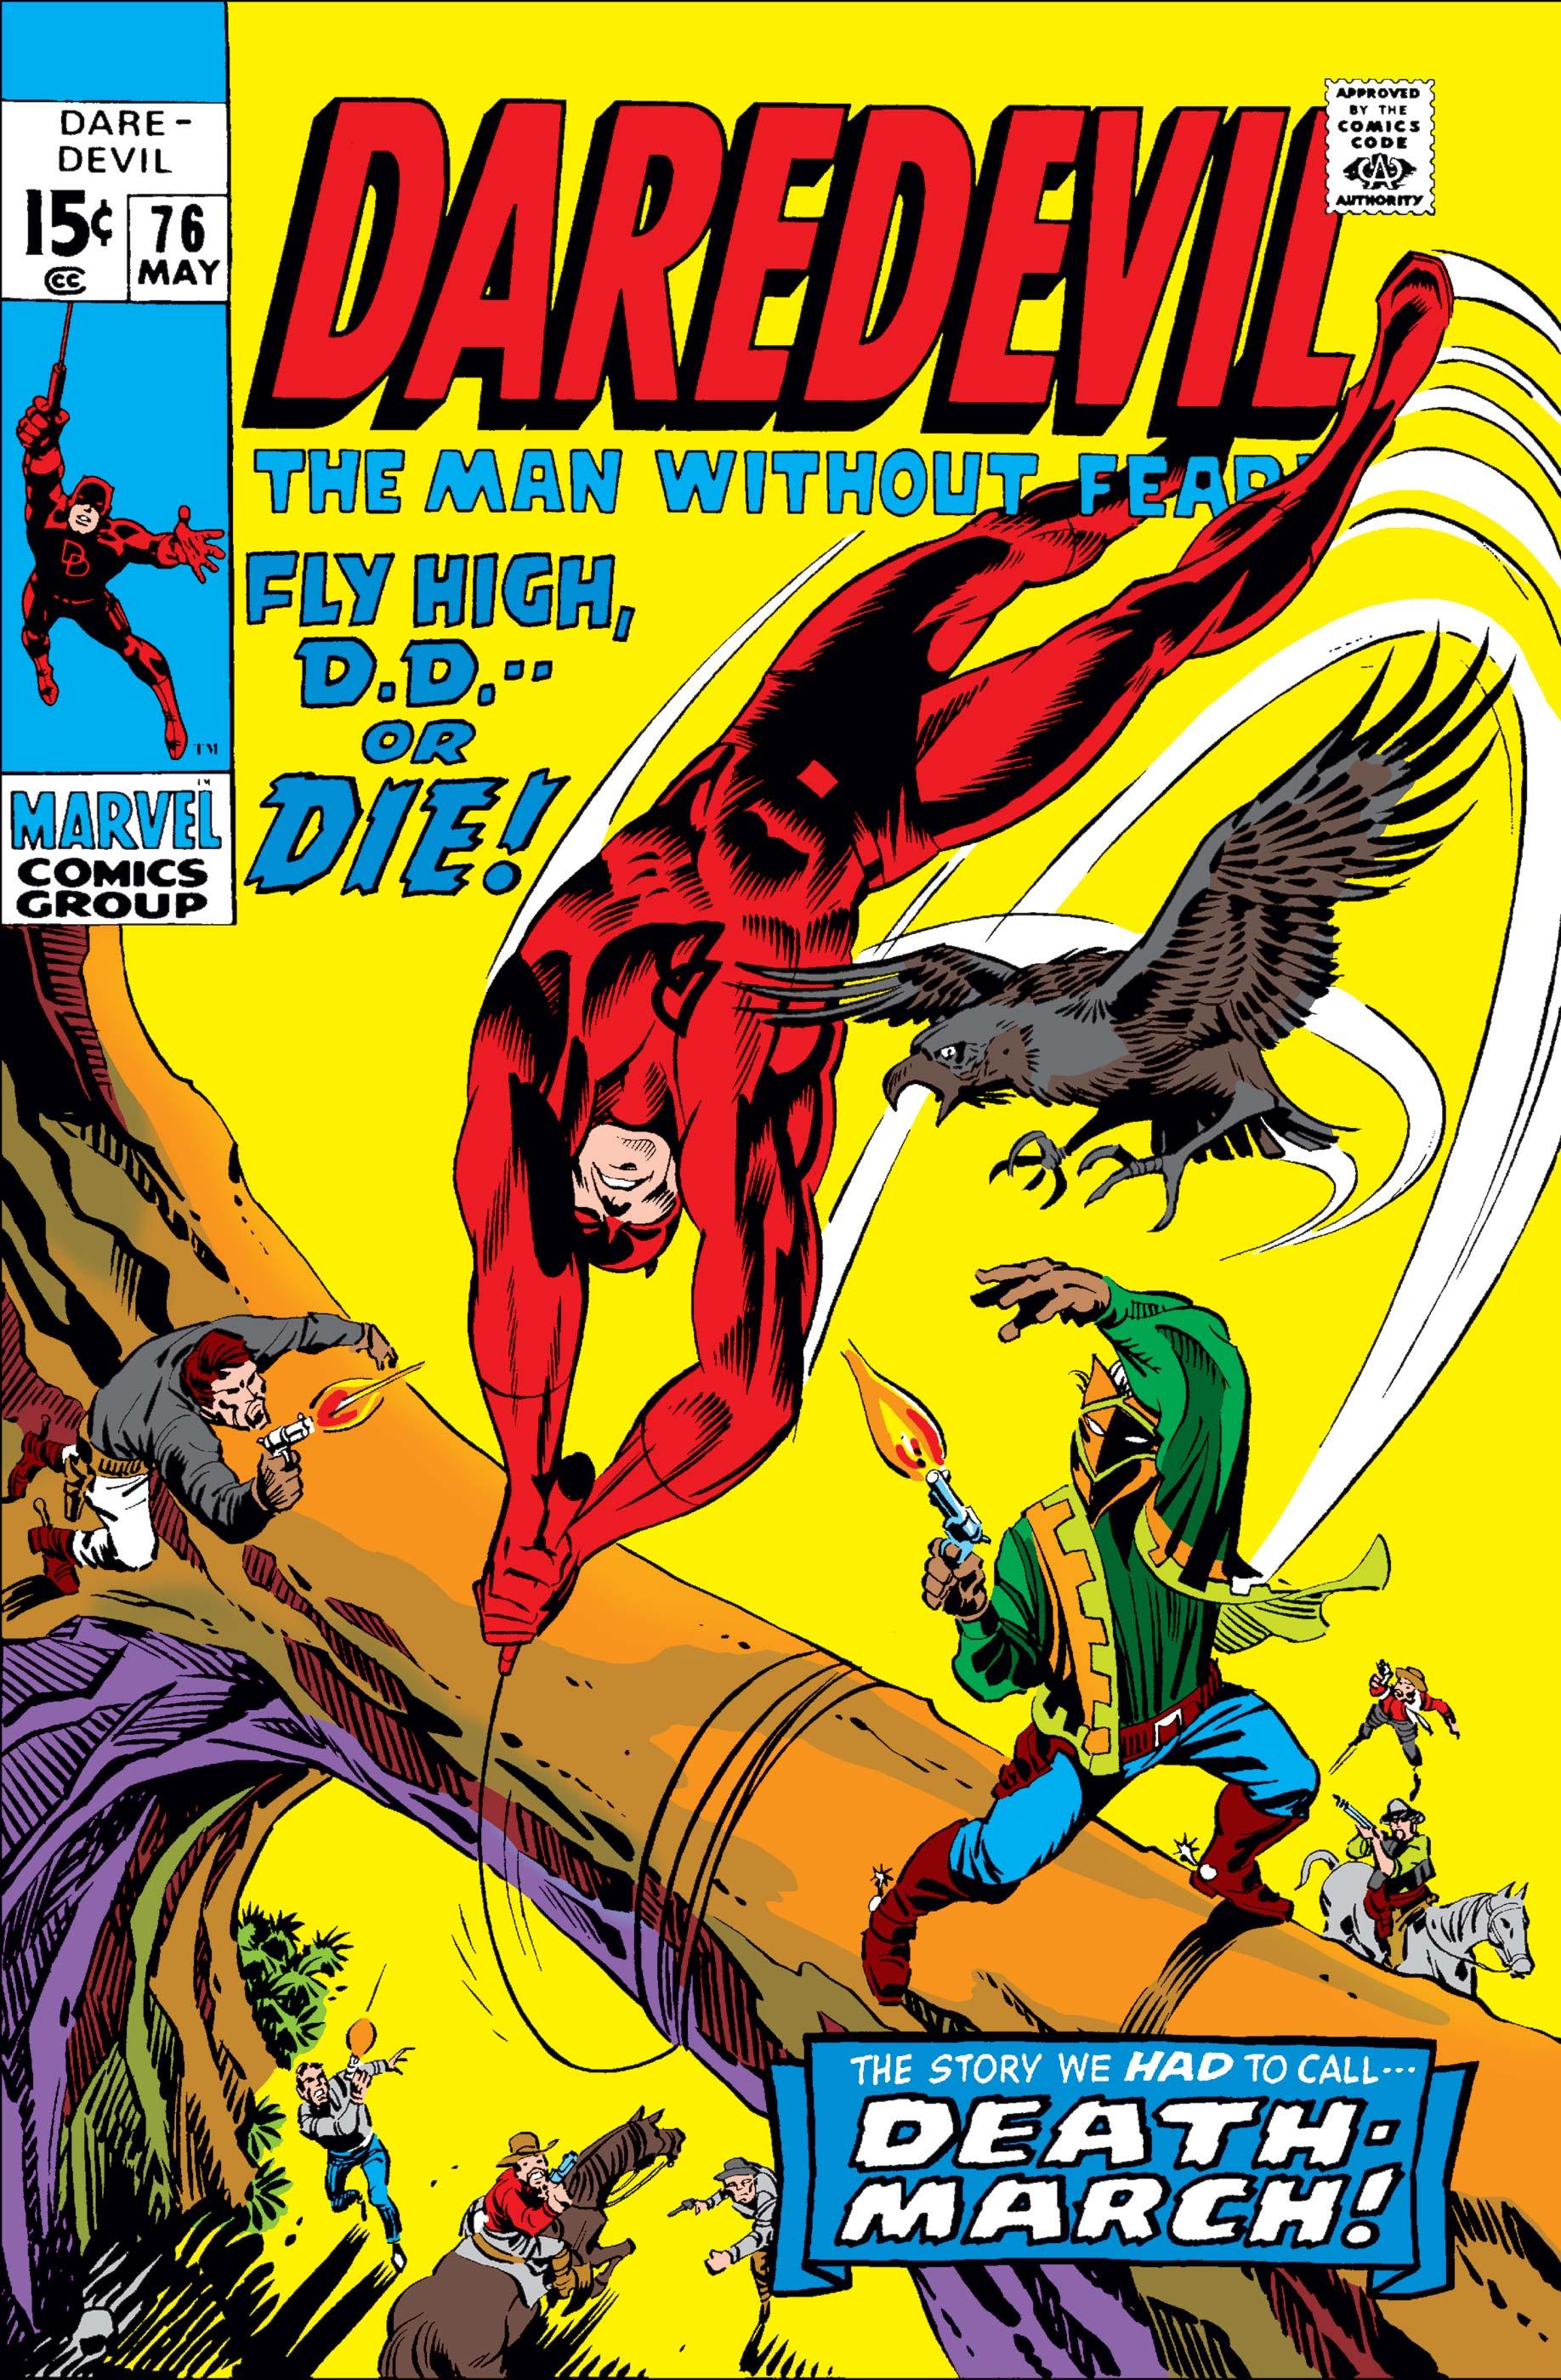 Daredevil (1964) #76